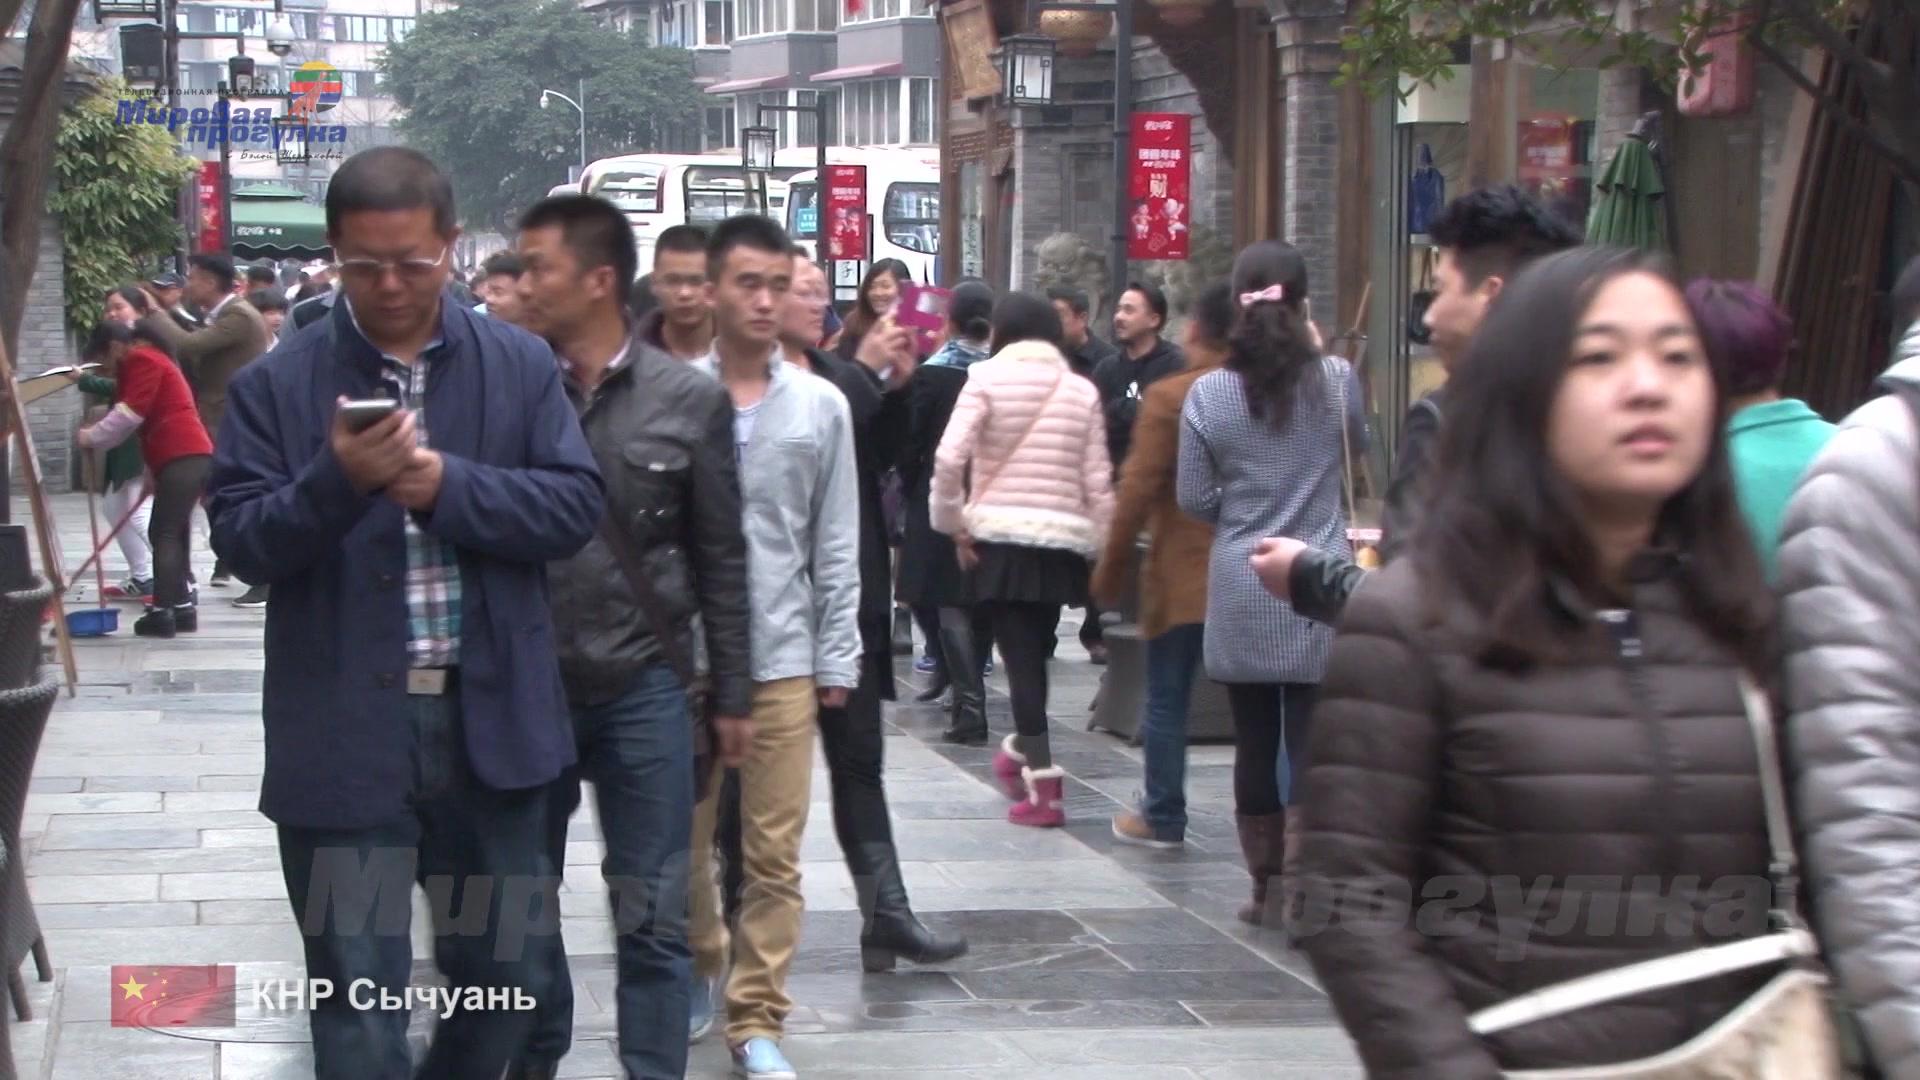 Мировая прогулка: Китай (провинция Сычуань) - Серия 4